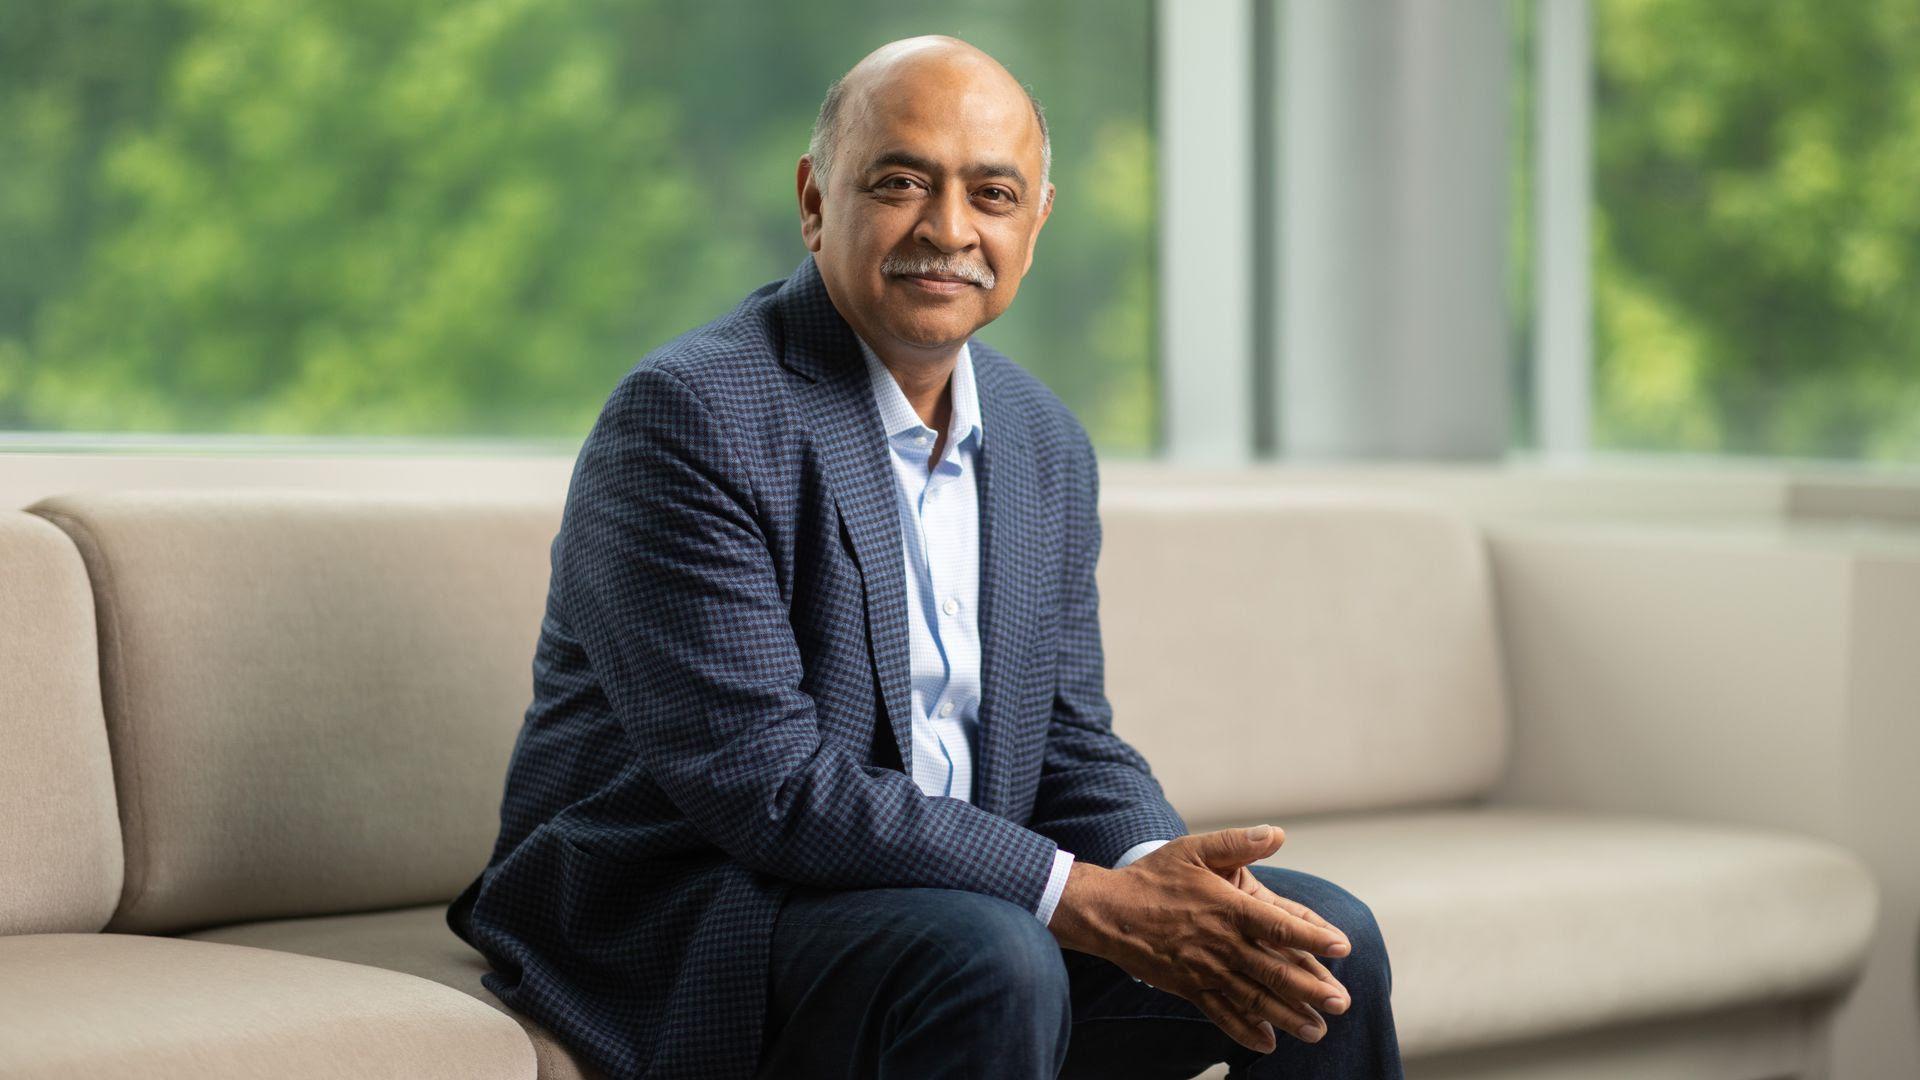 IBM senior vice president Arvind Krishna. Photo: IBM